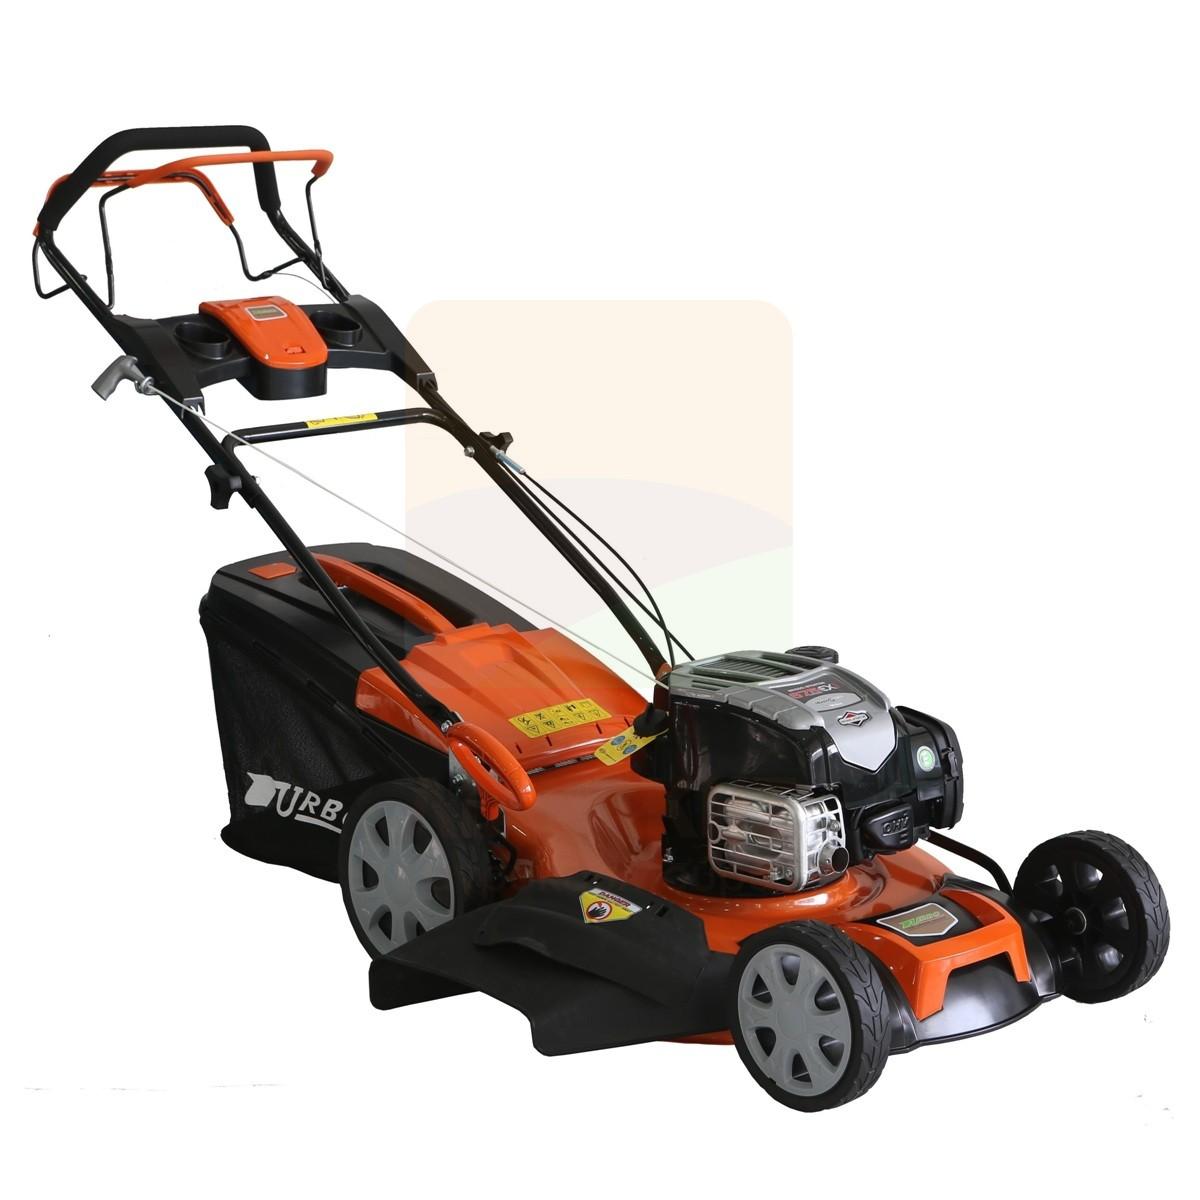 Χλοοκοπτικό μηχάνημα βενζίνης 139cc GREENLION KG46